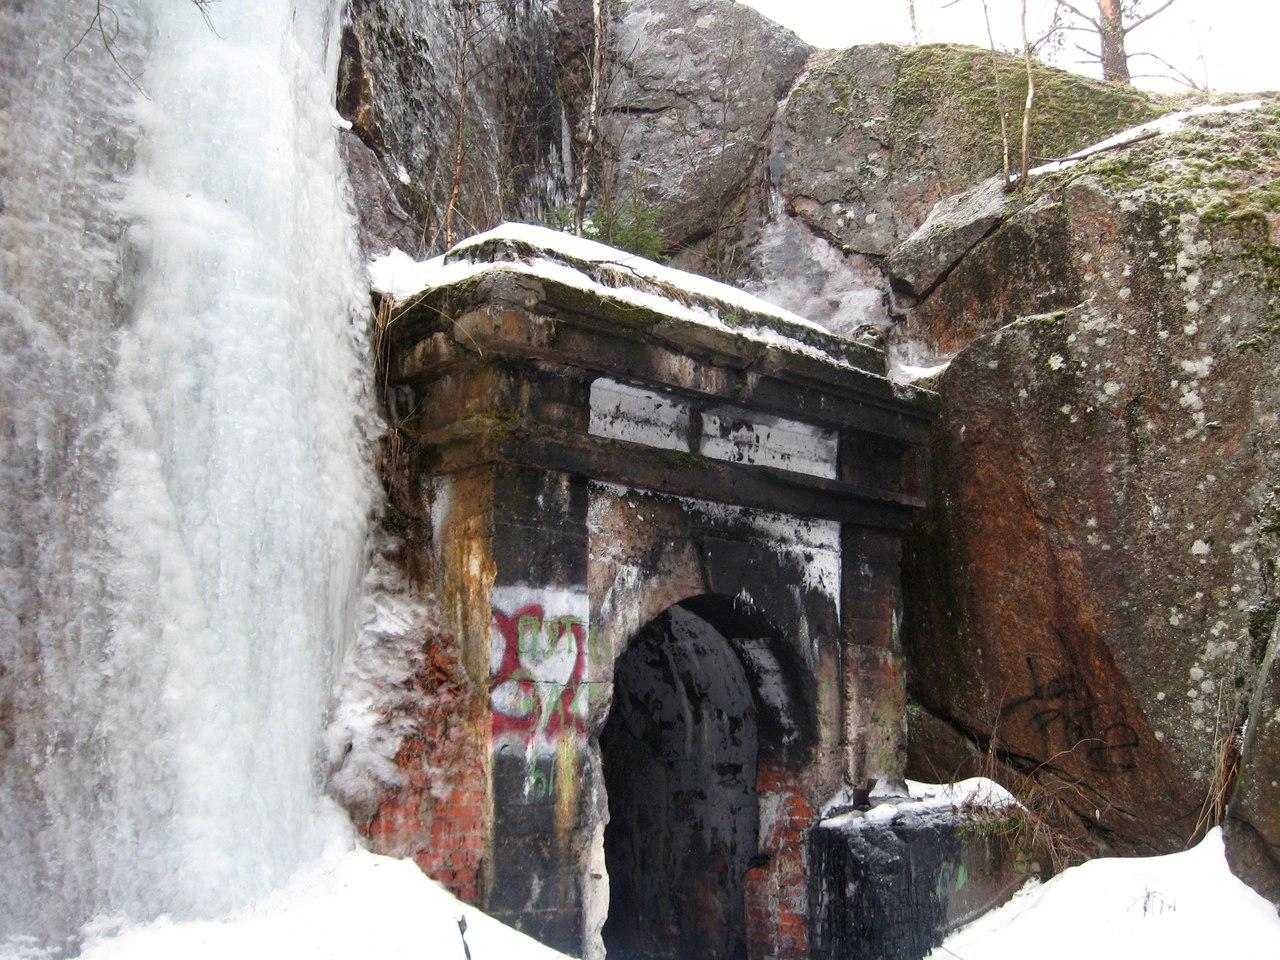 На север от Выборга. Часть 1. Подземный пороховой погреб внутри скалы.